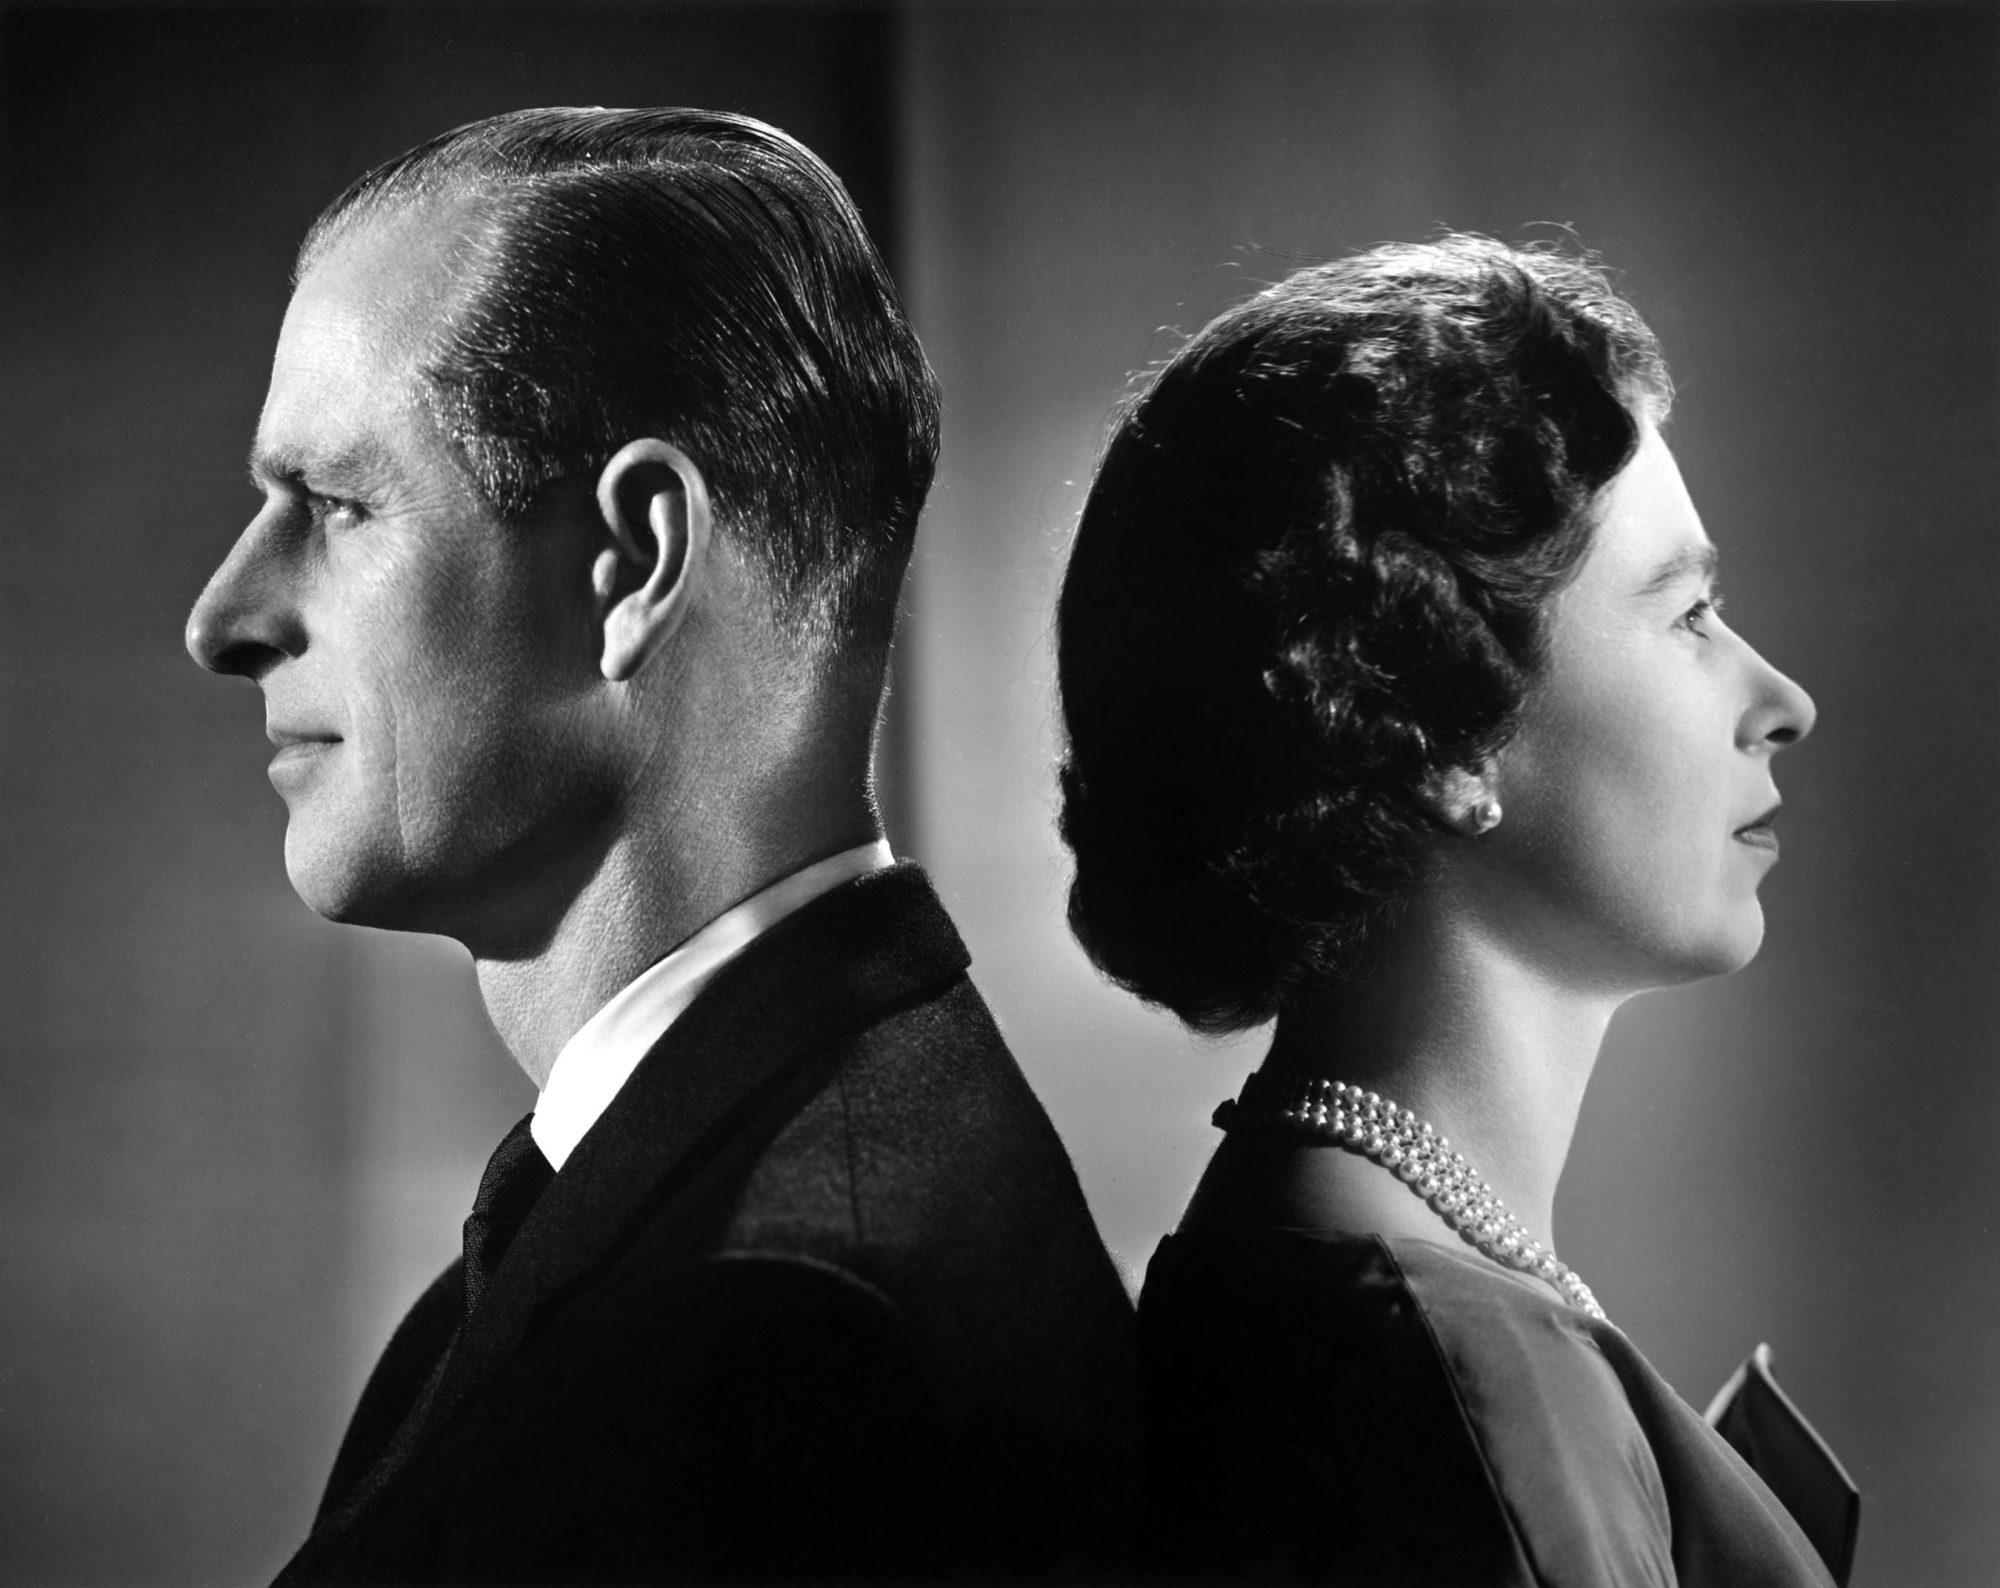 Queen Elizabeth II And Prince Philip Portrait